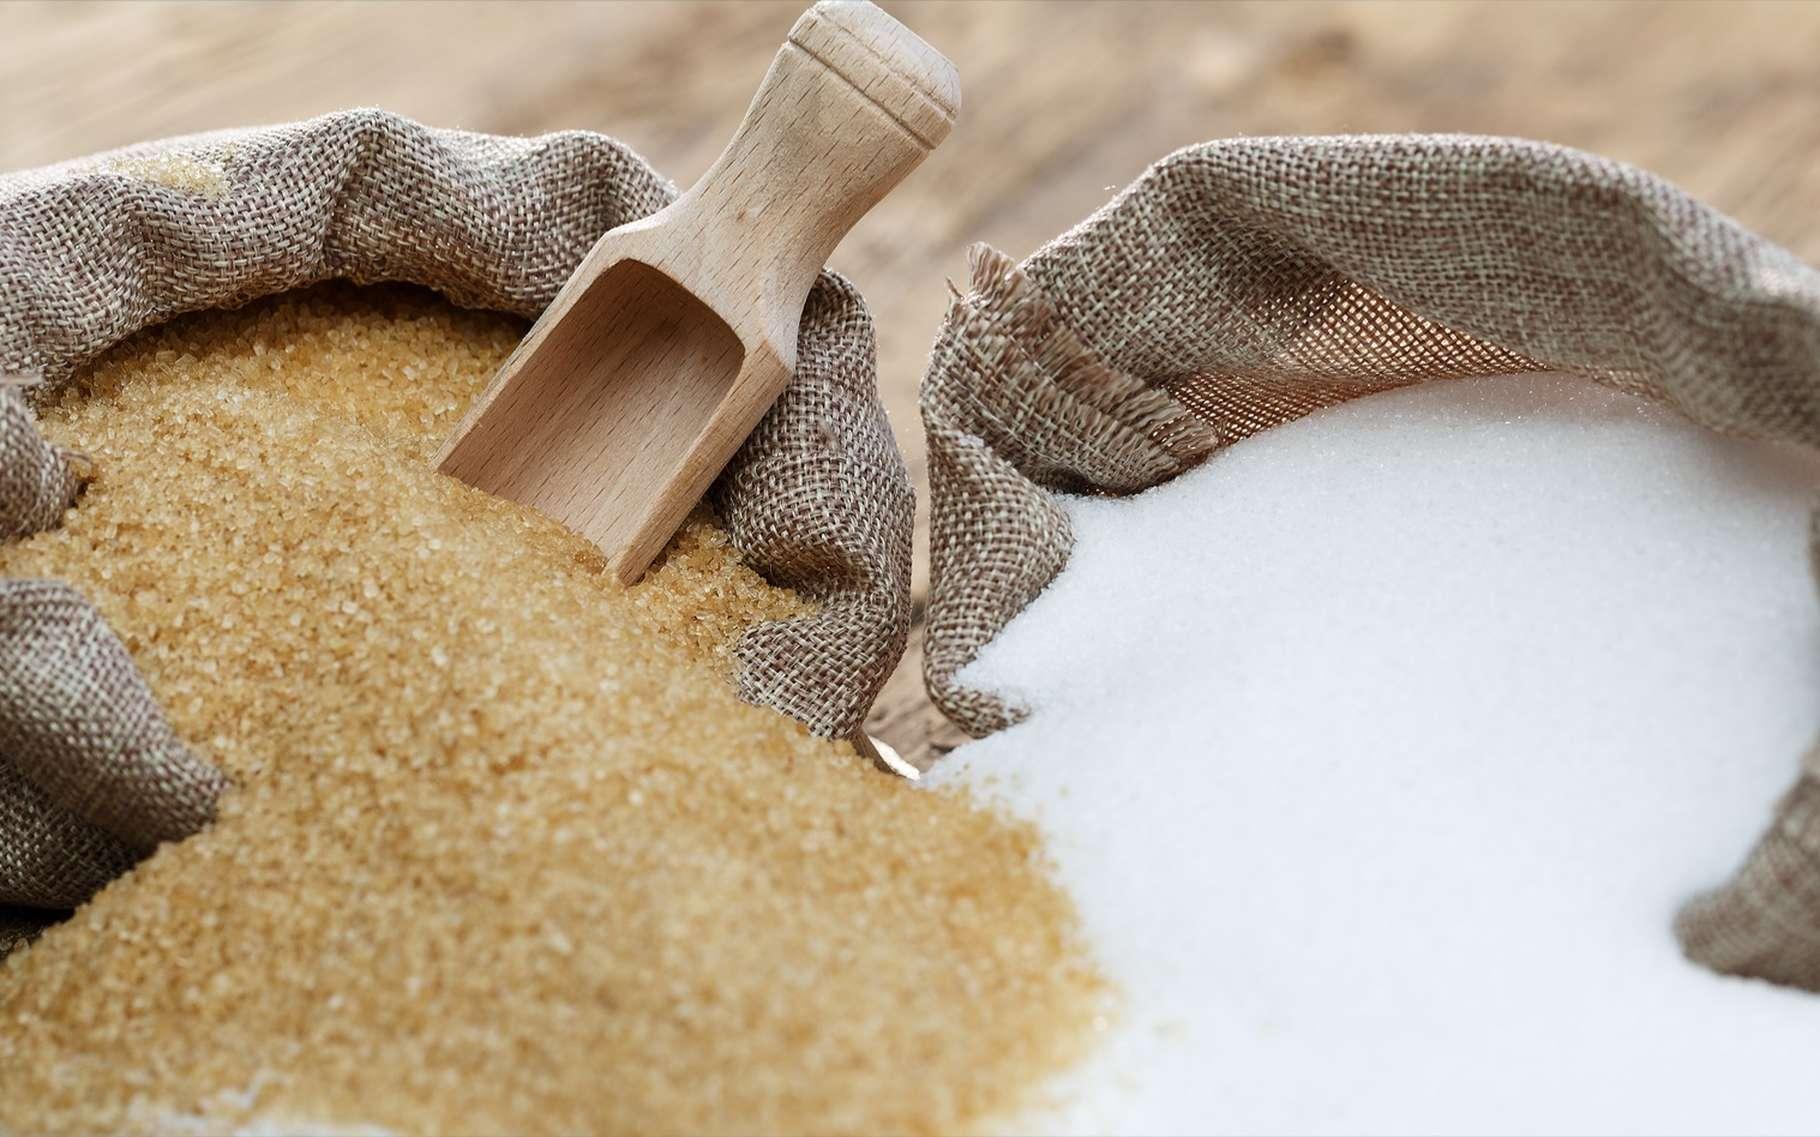 Le sucre roux contient plus de sels minéraux et de vitamines que le sucre blanc raffiné. © fotorince, Shutterstock